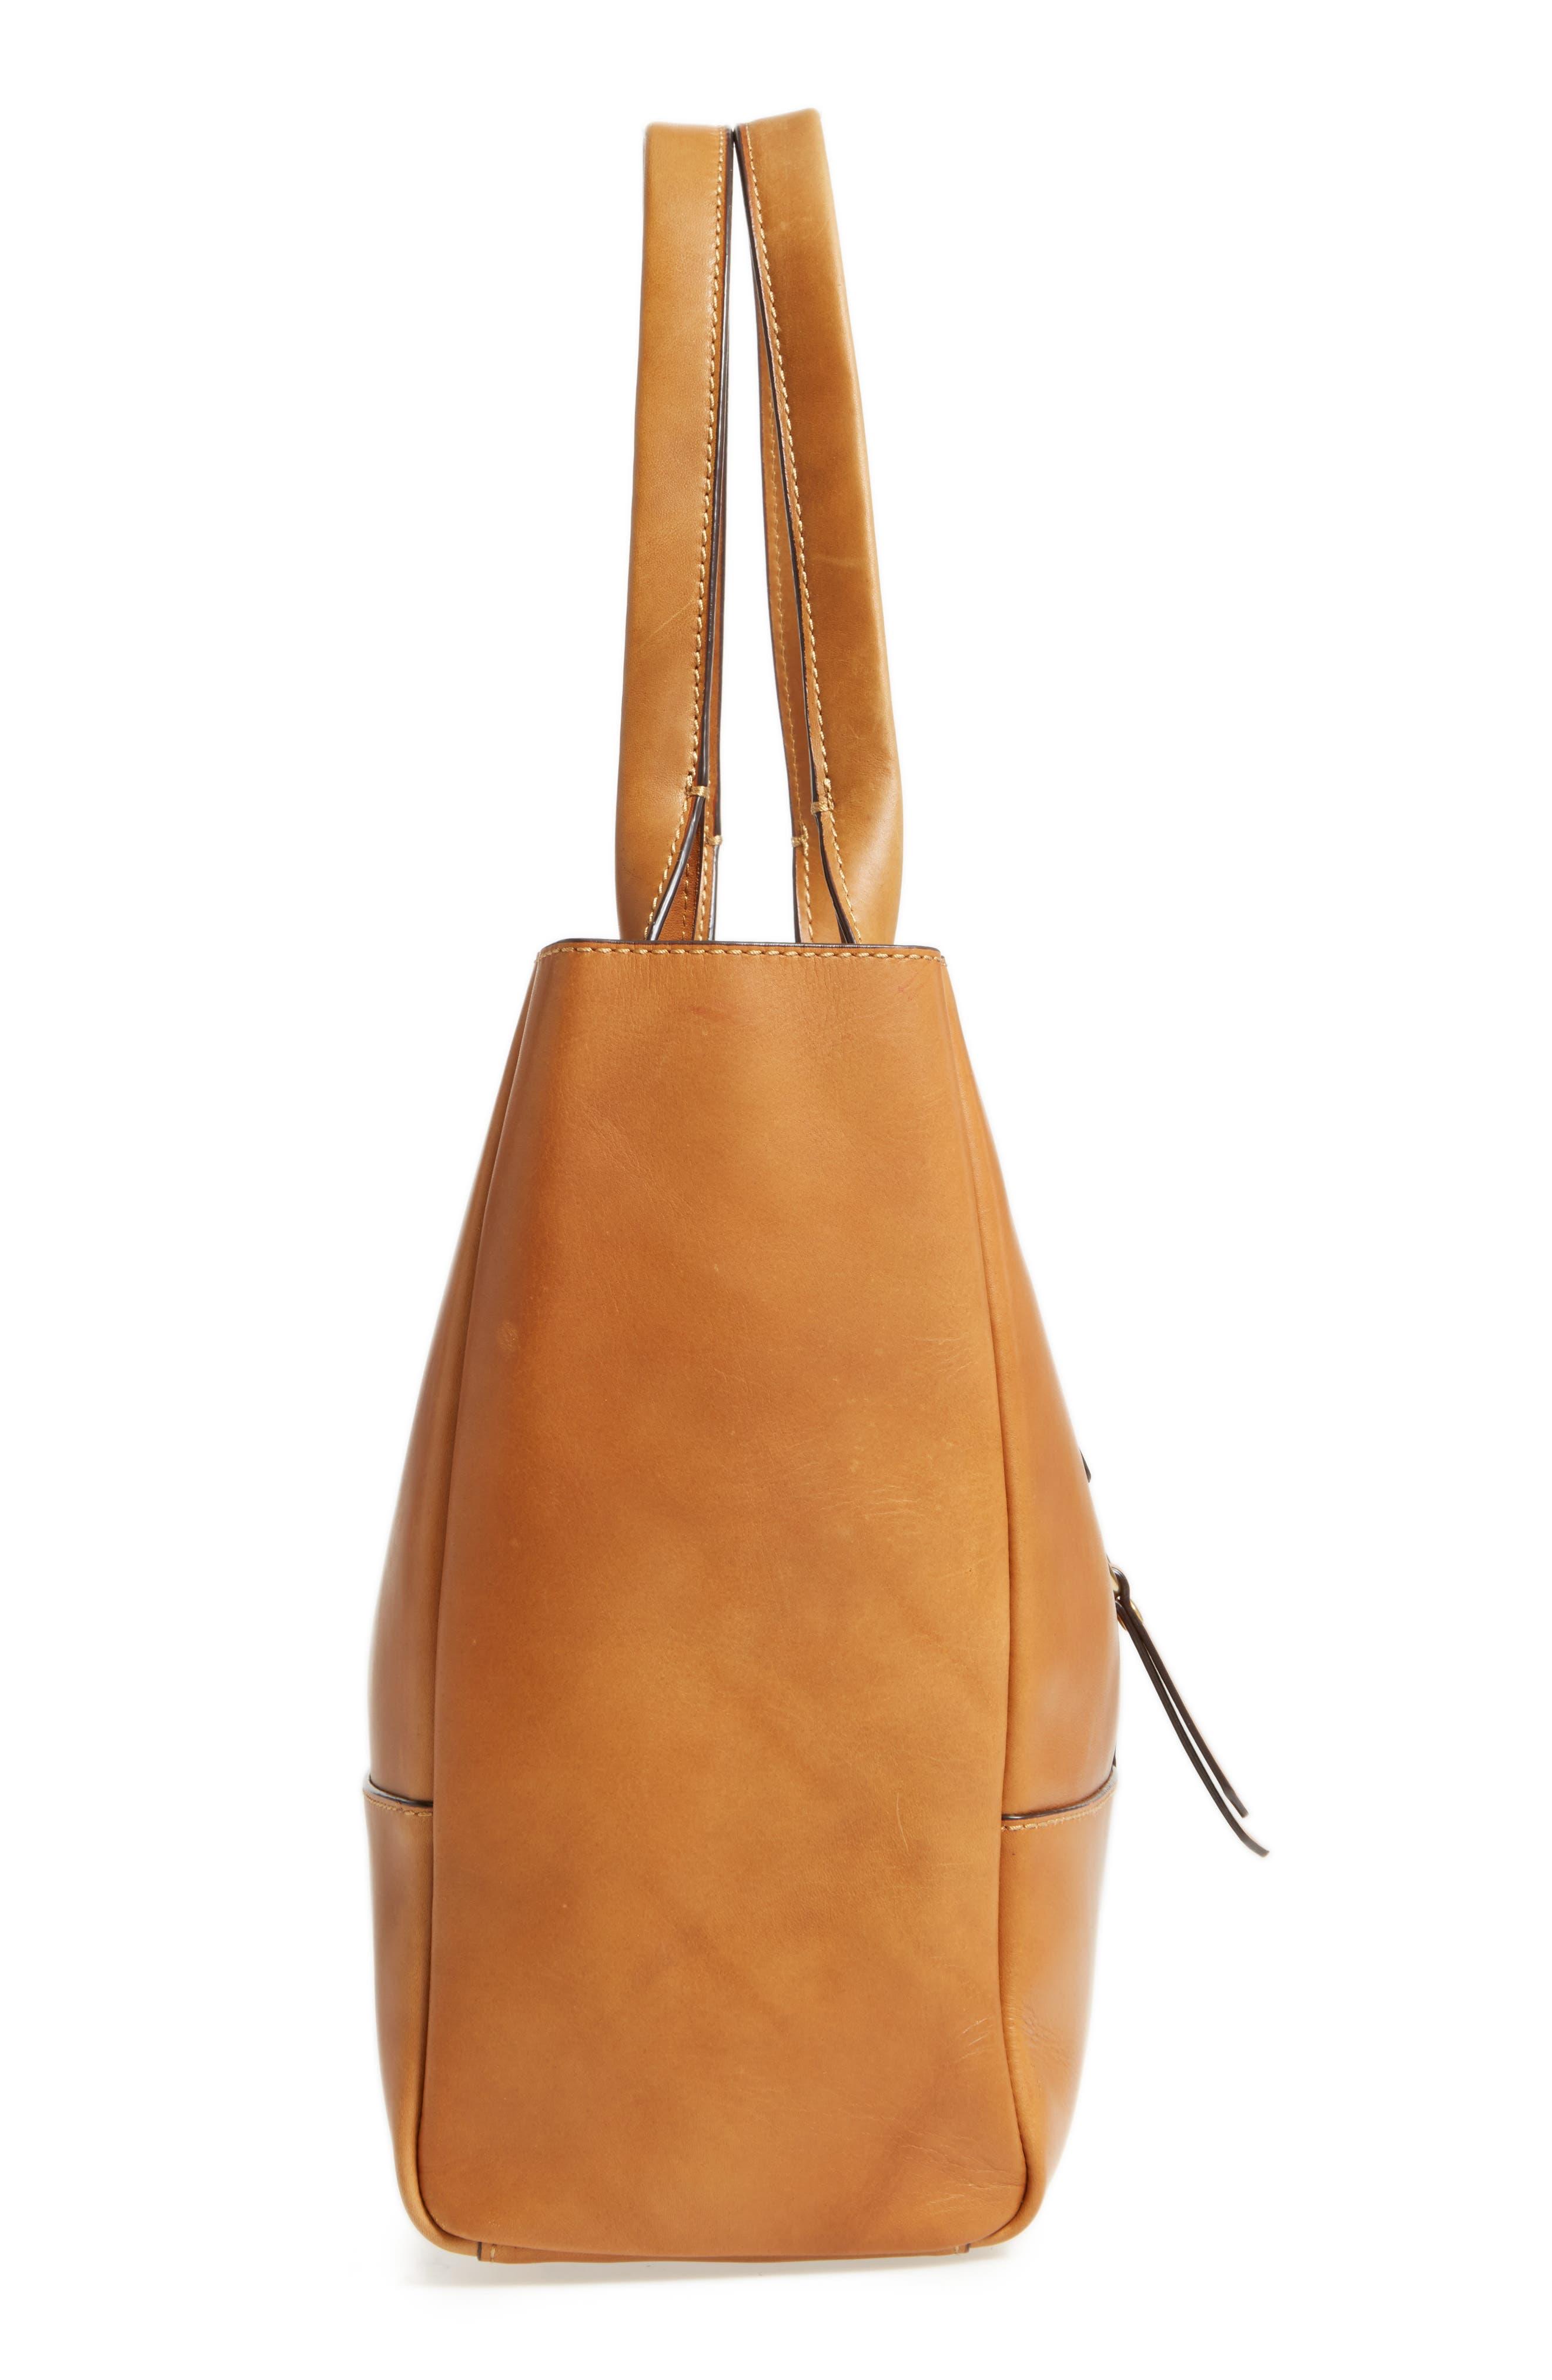 Ilana Harness Leather Shopper,                             Alternate thumbnail 5, color,                             Cognac